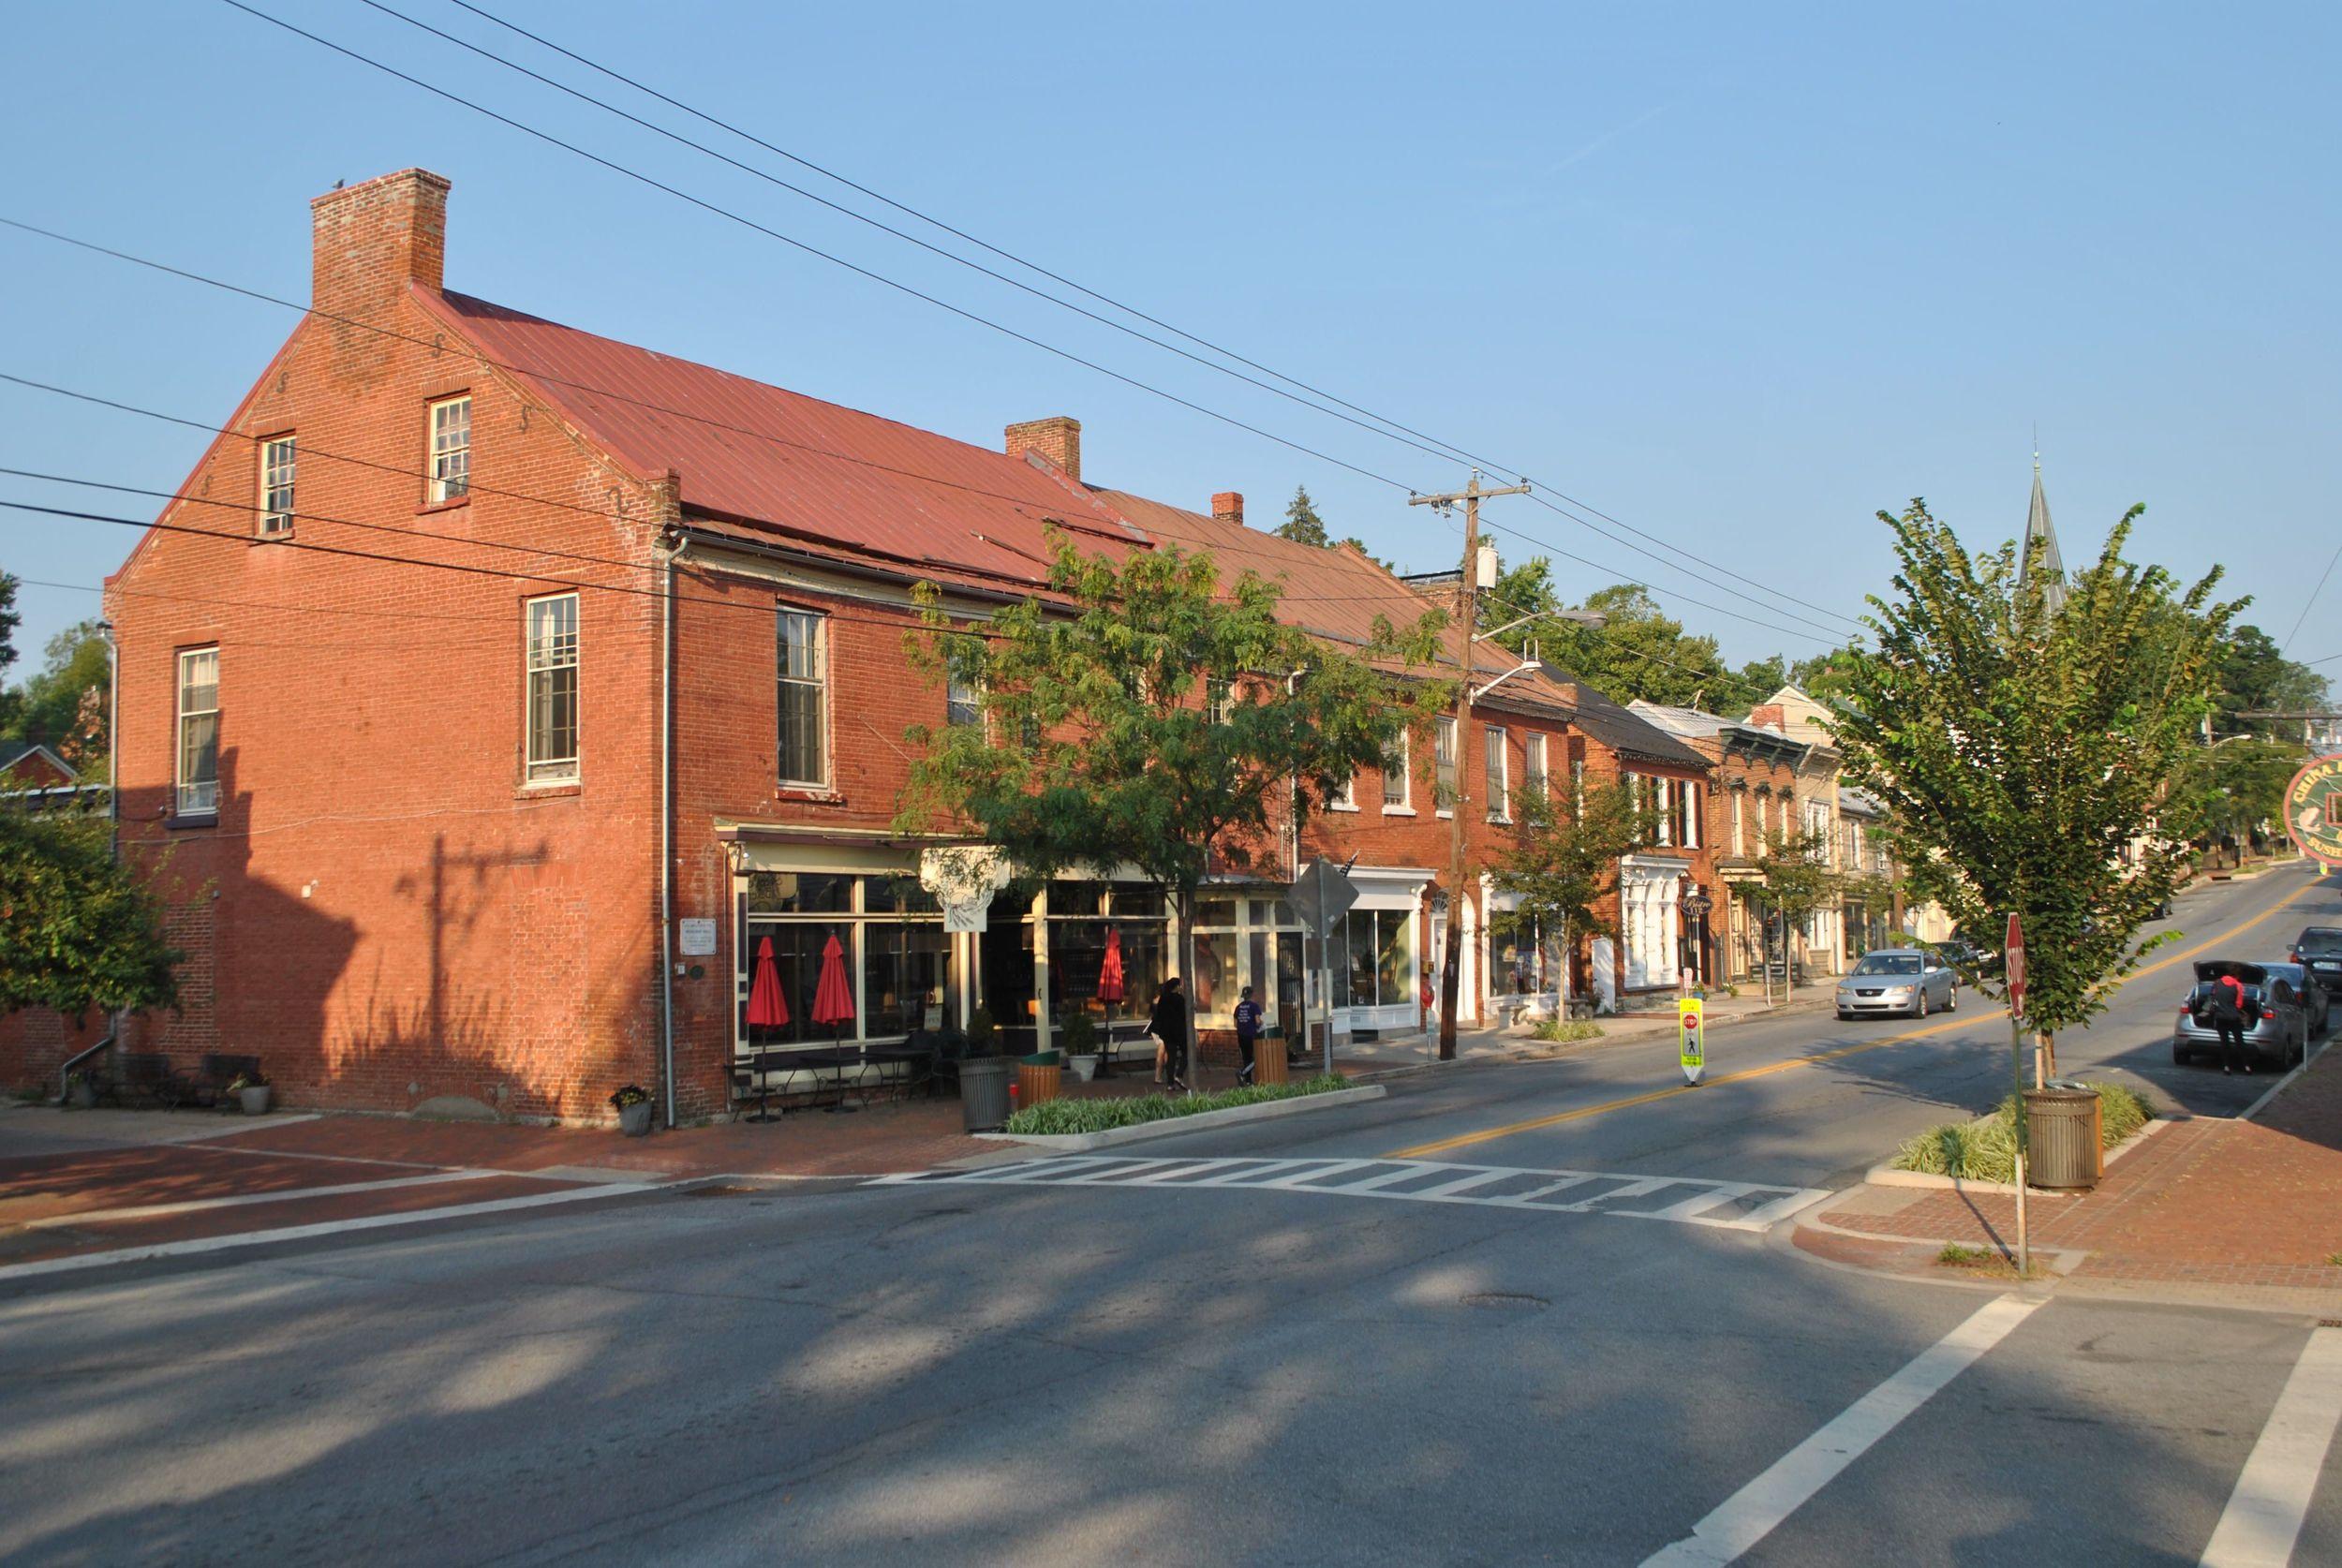 Streets of Shepherdstown